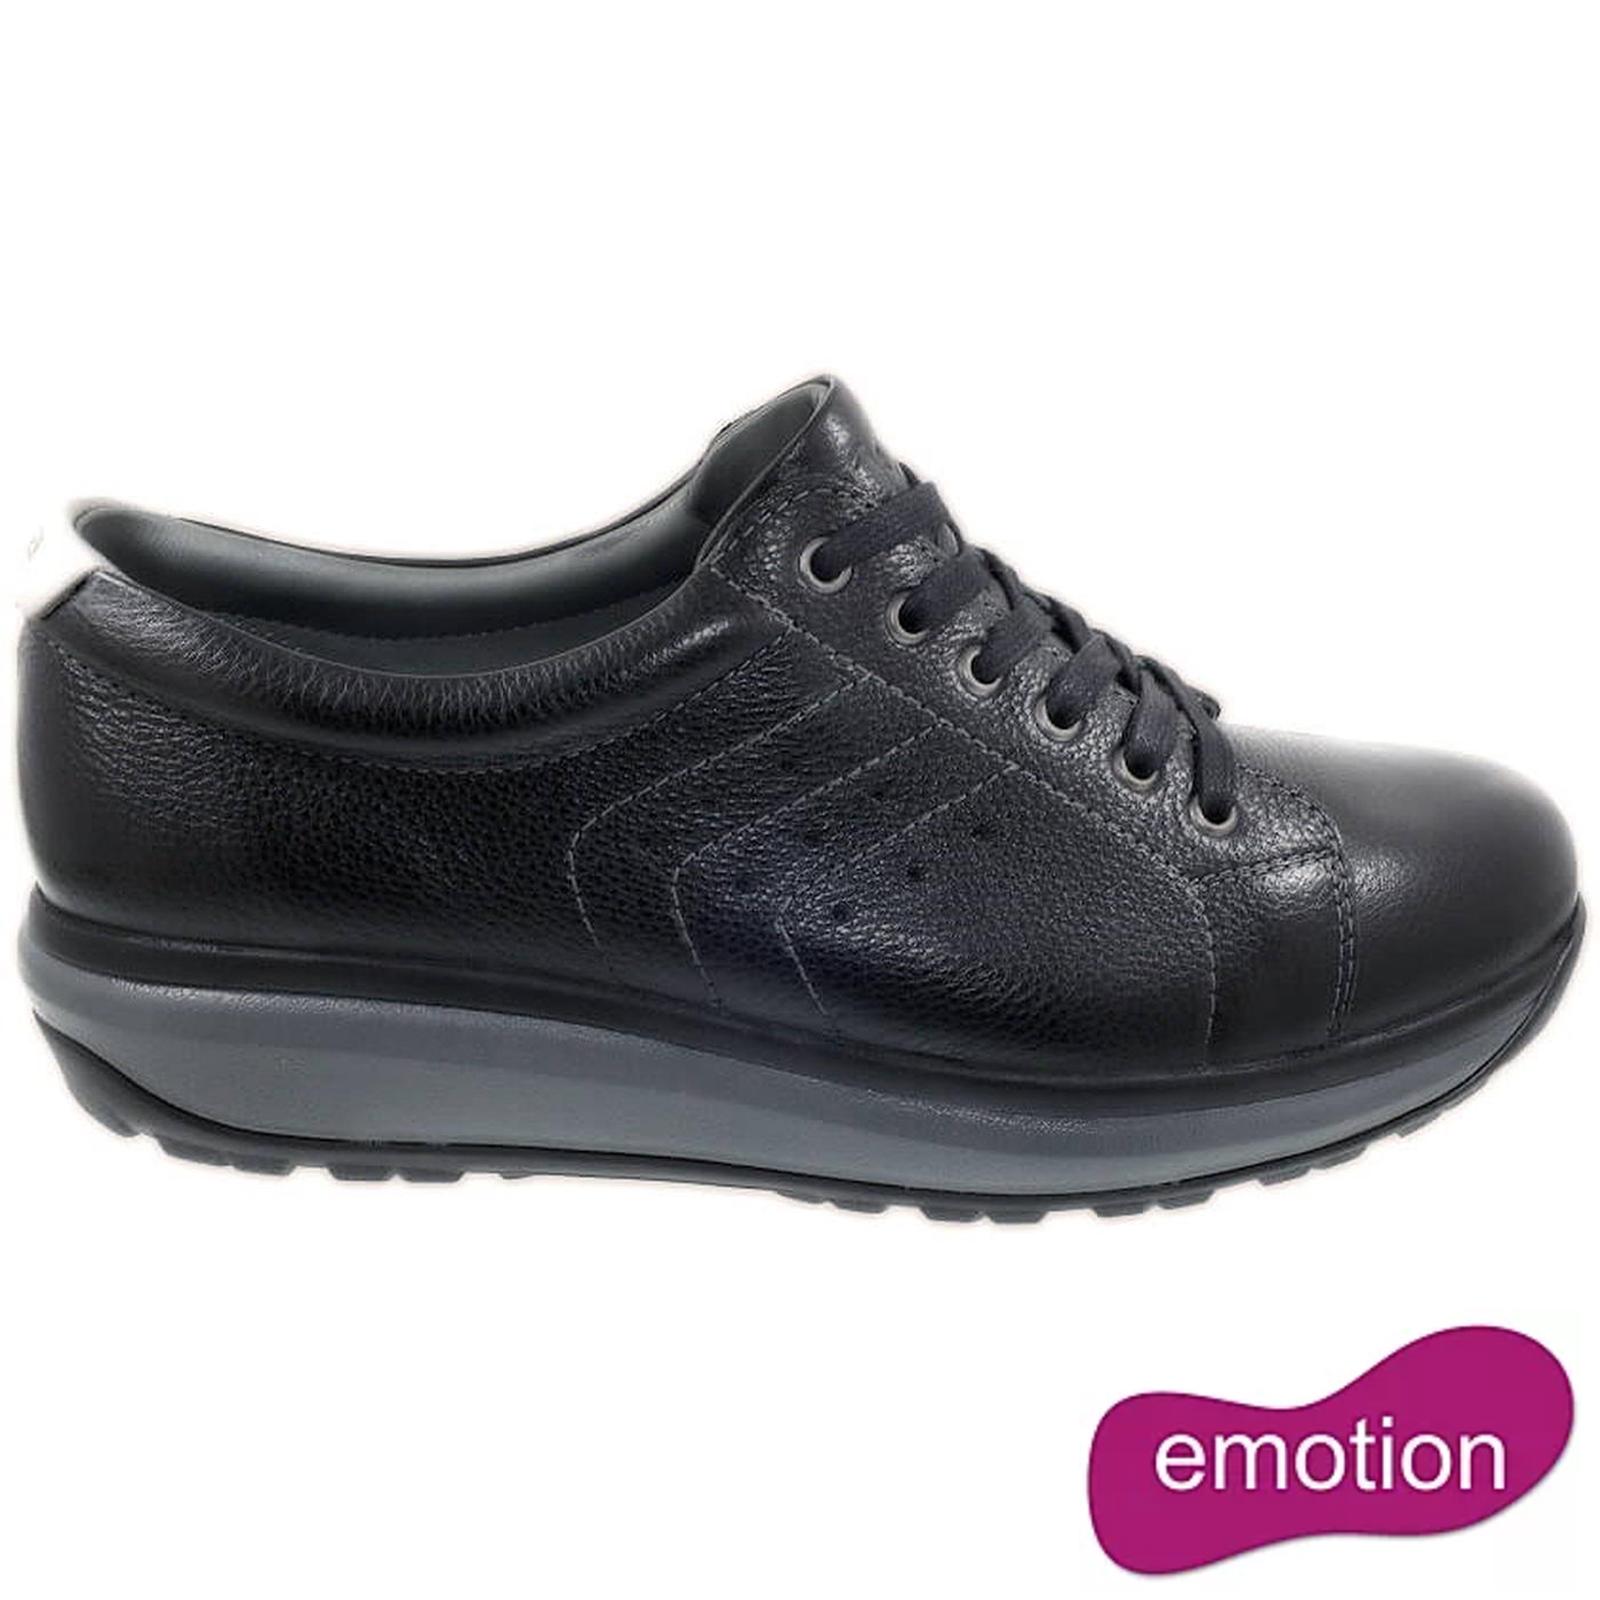 Joya Mens Caesar Leather Trainers - Black